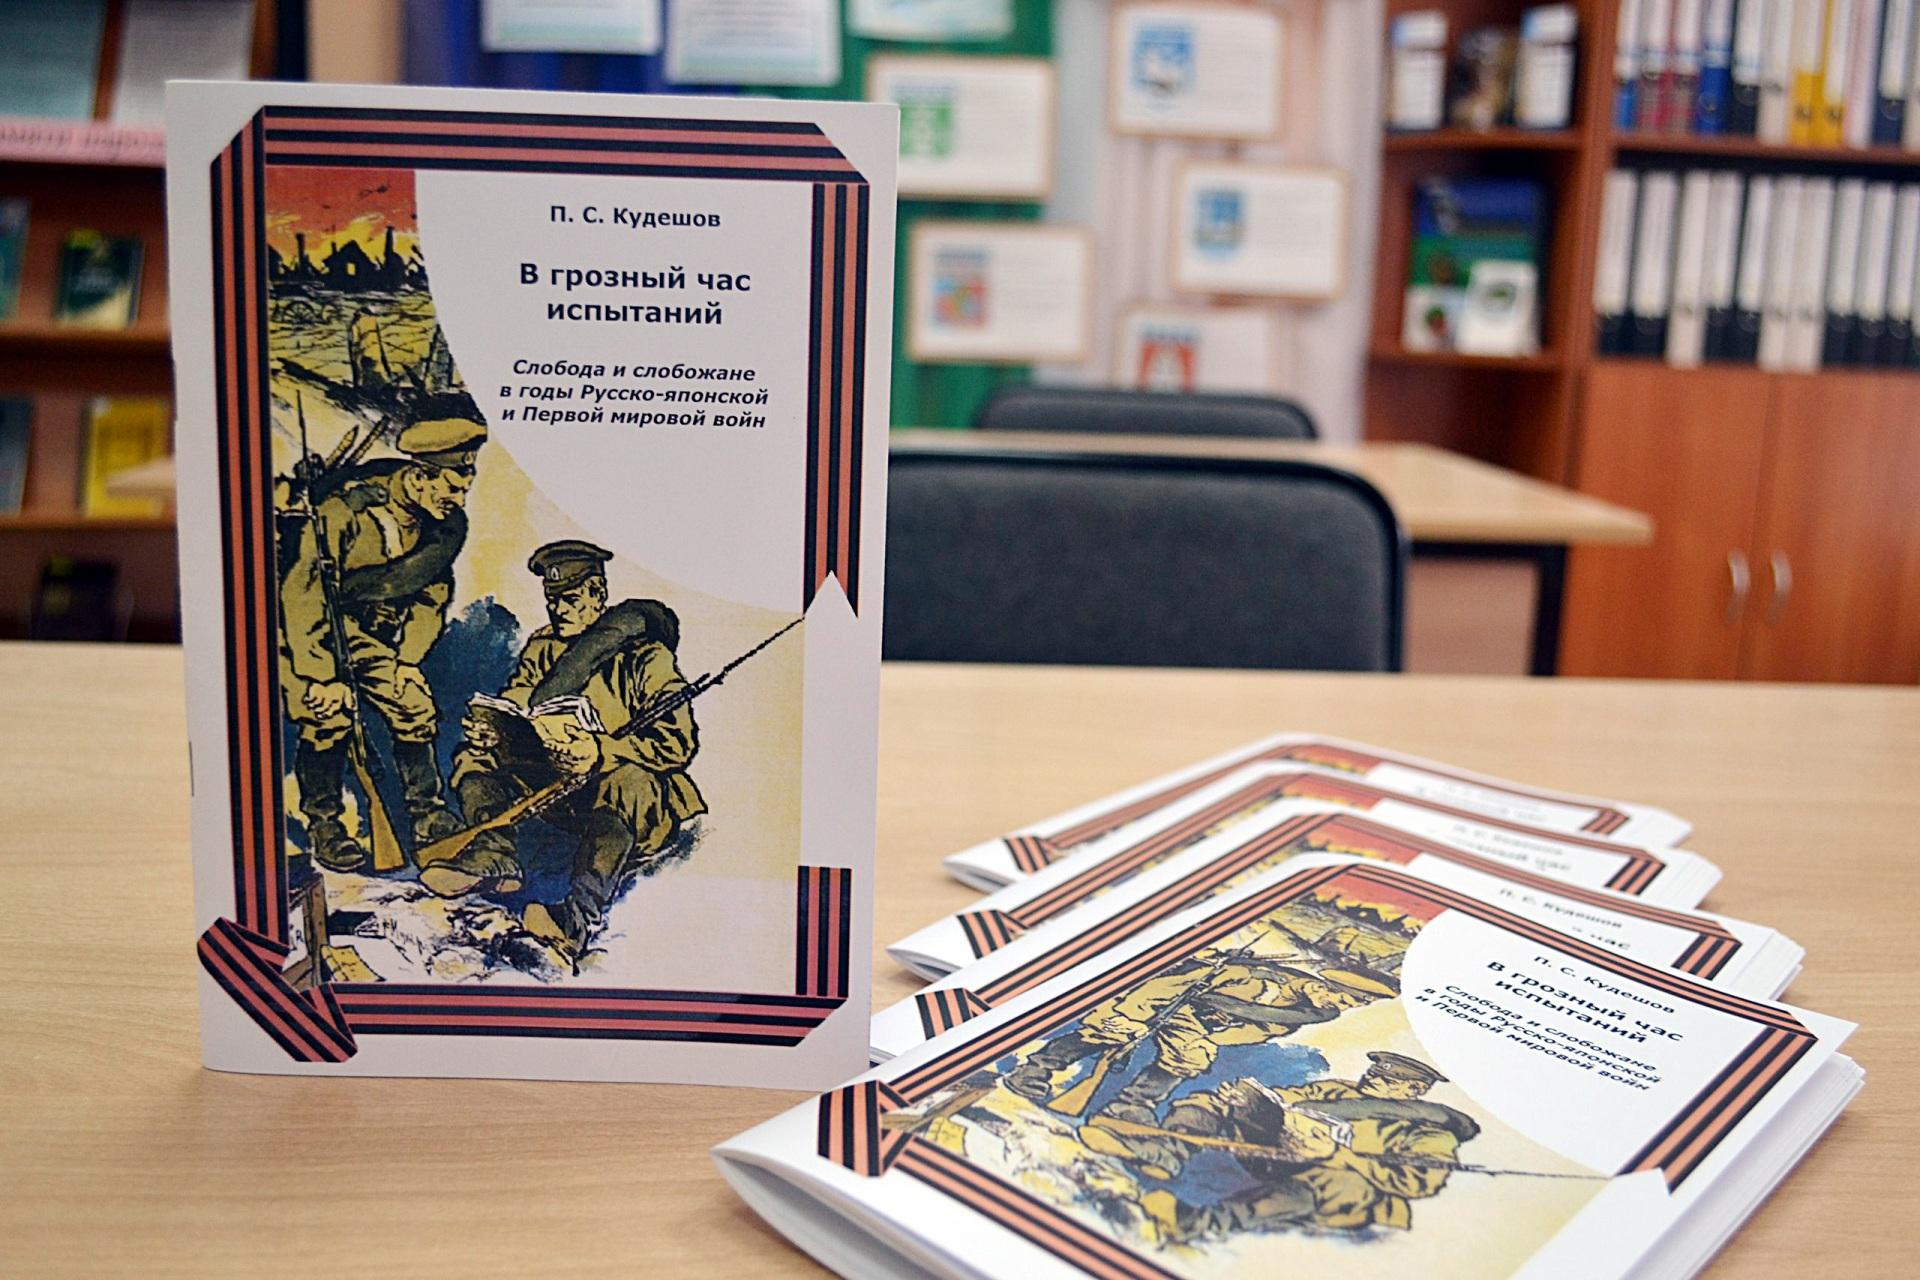 В преддверии юбилея Коми и в честь 430-летия села Слобода в Сыктывкаре презентуют уникальную книгу